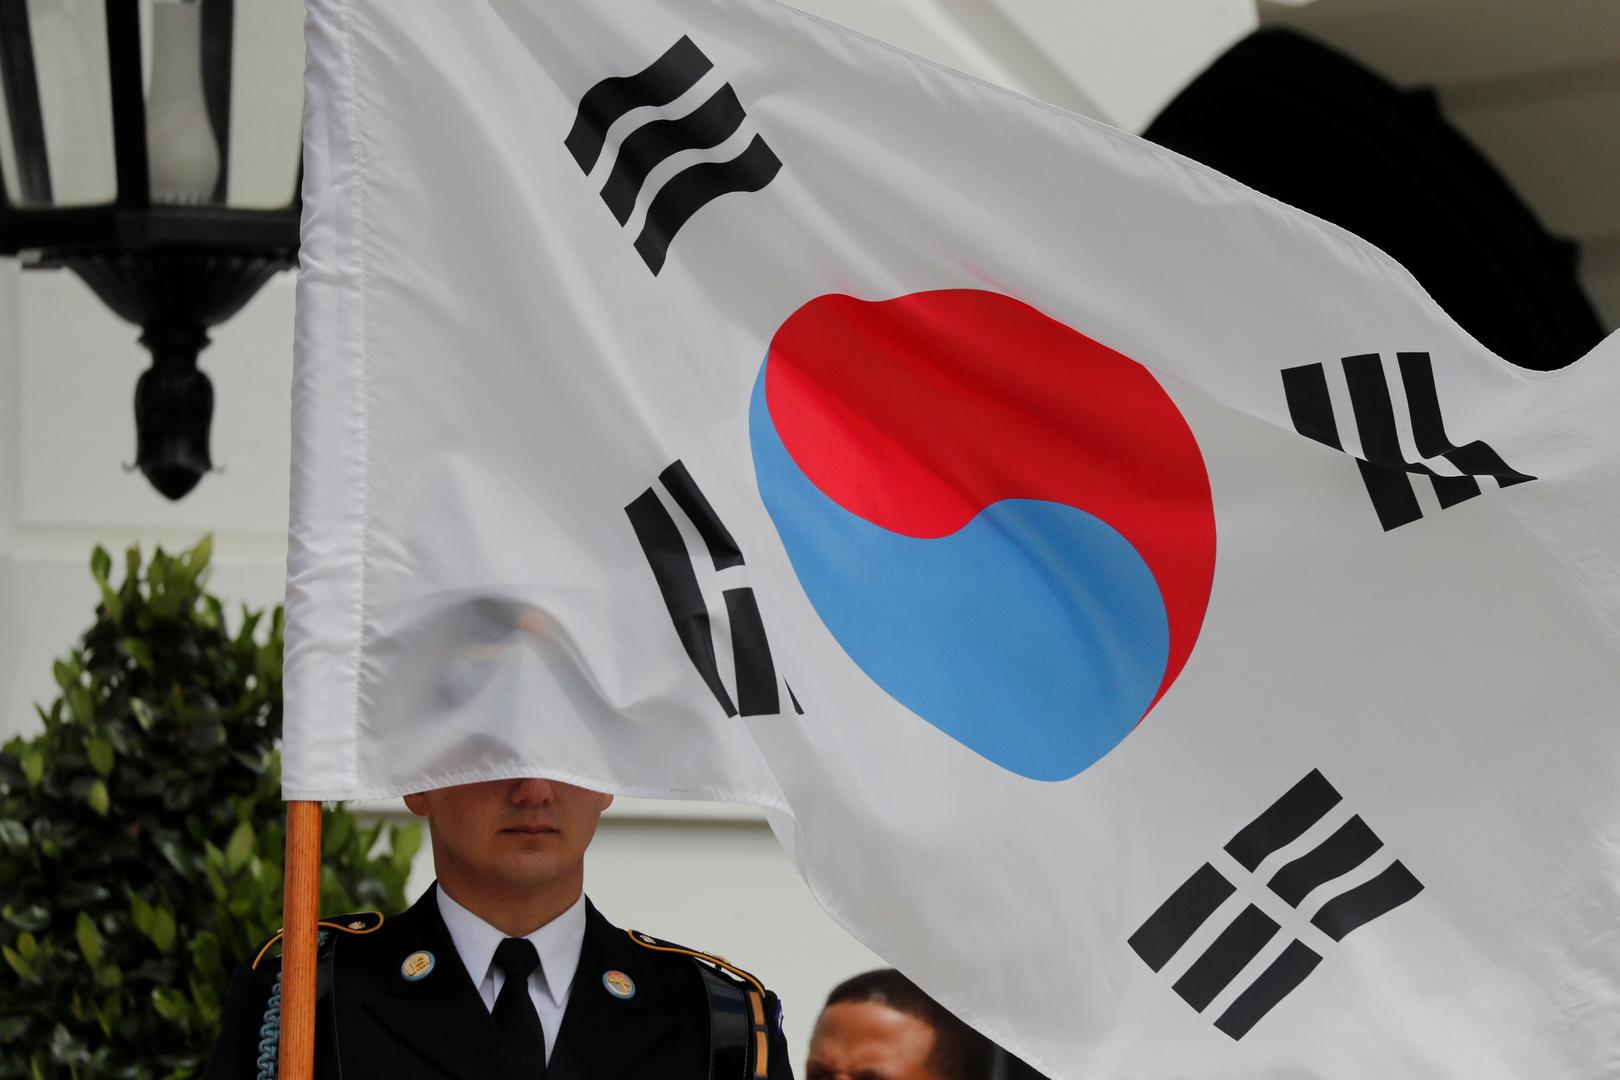 وزير الخارجية الكوري الجنوبي يبحث مع نظيره الإثيوبي الأزمة الإنسانية في تيغراي